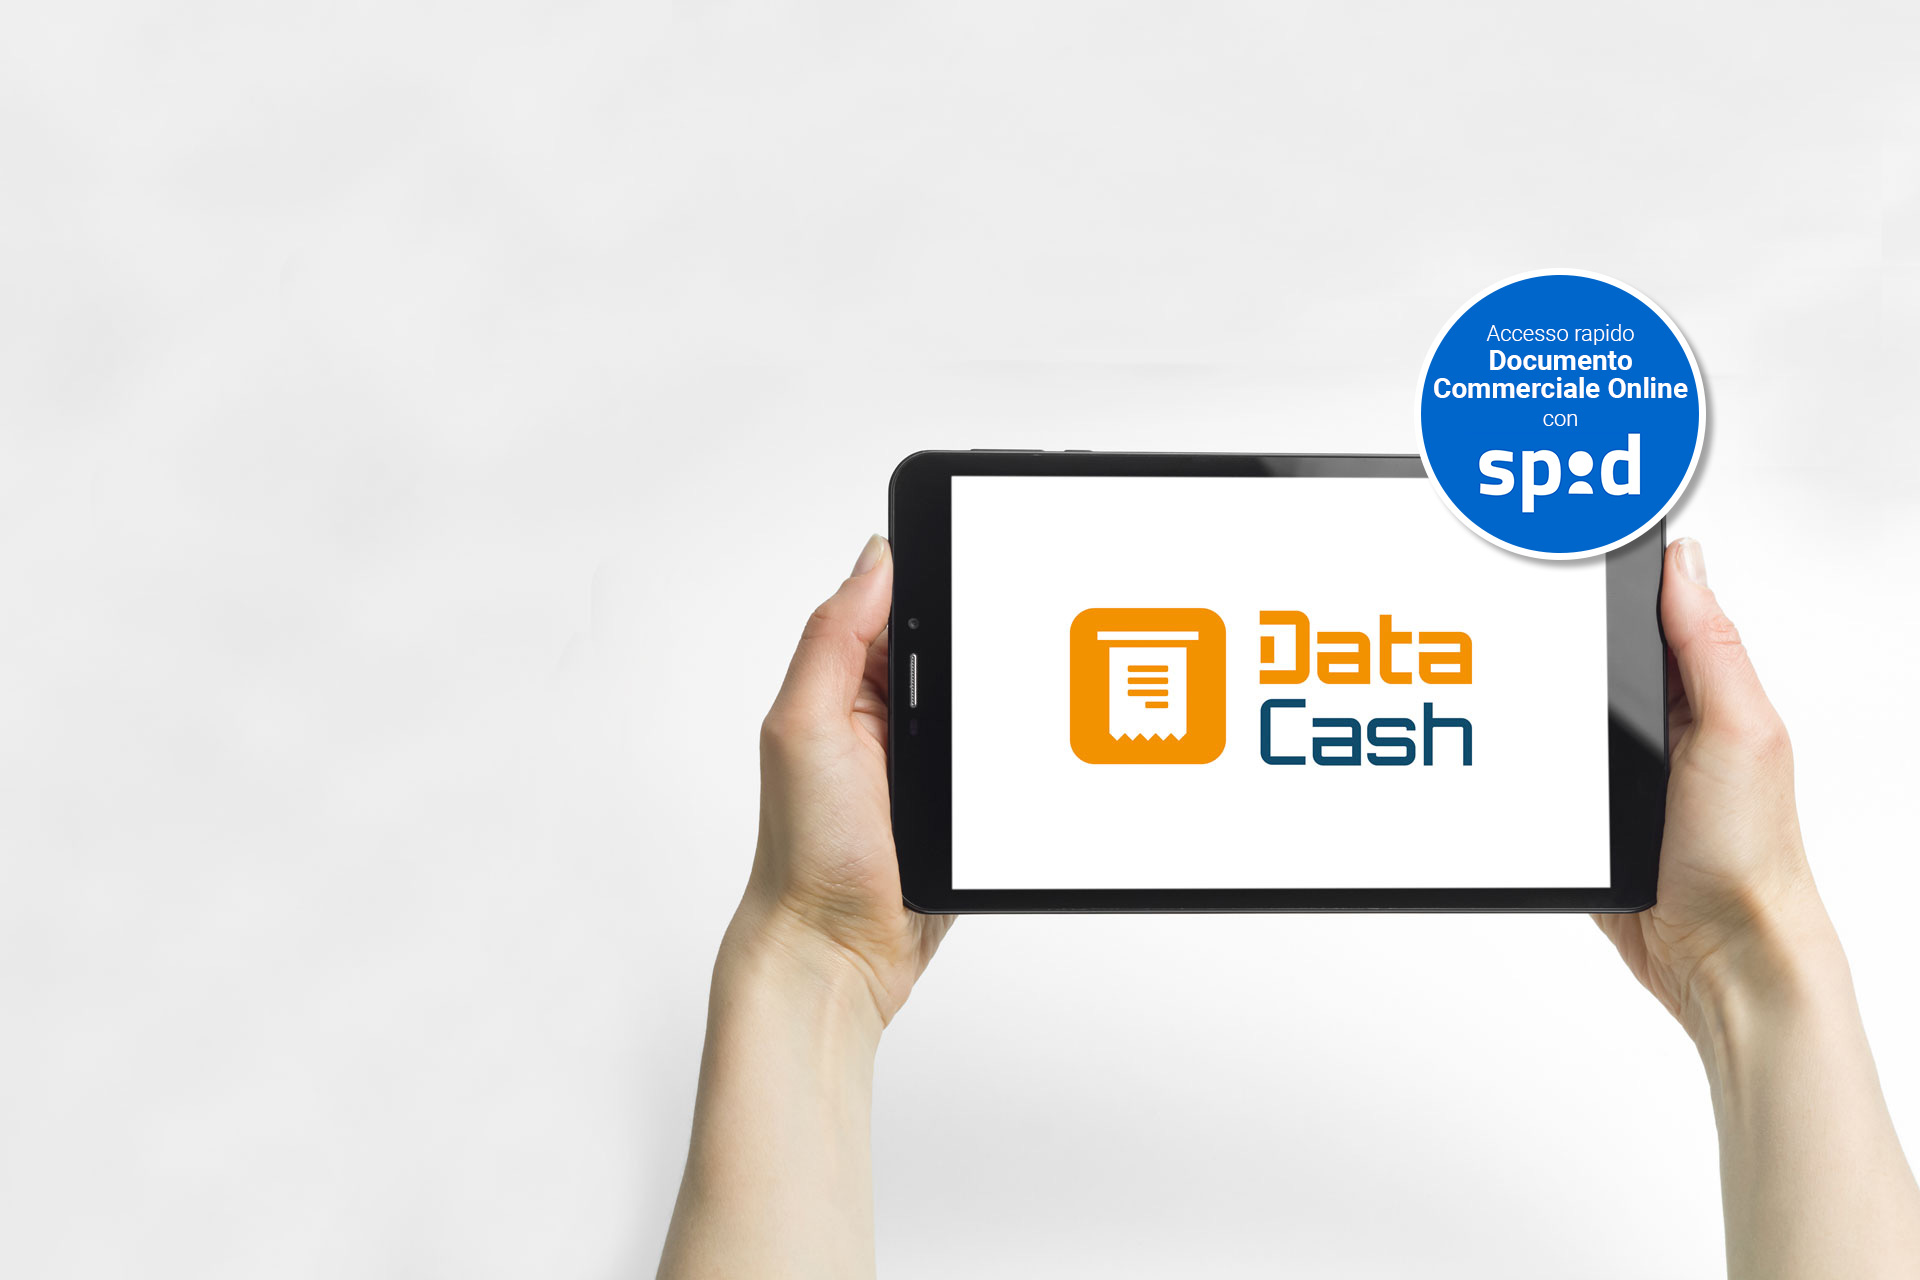 Data Cash app per scontrini elettronici e gestione punto cassa. Accesso a documento commerciale online con SPID